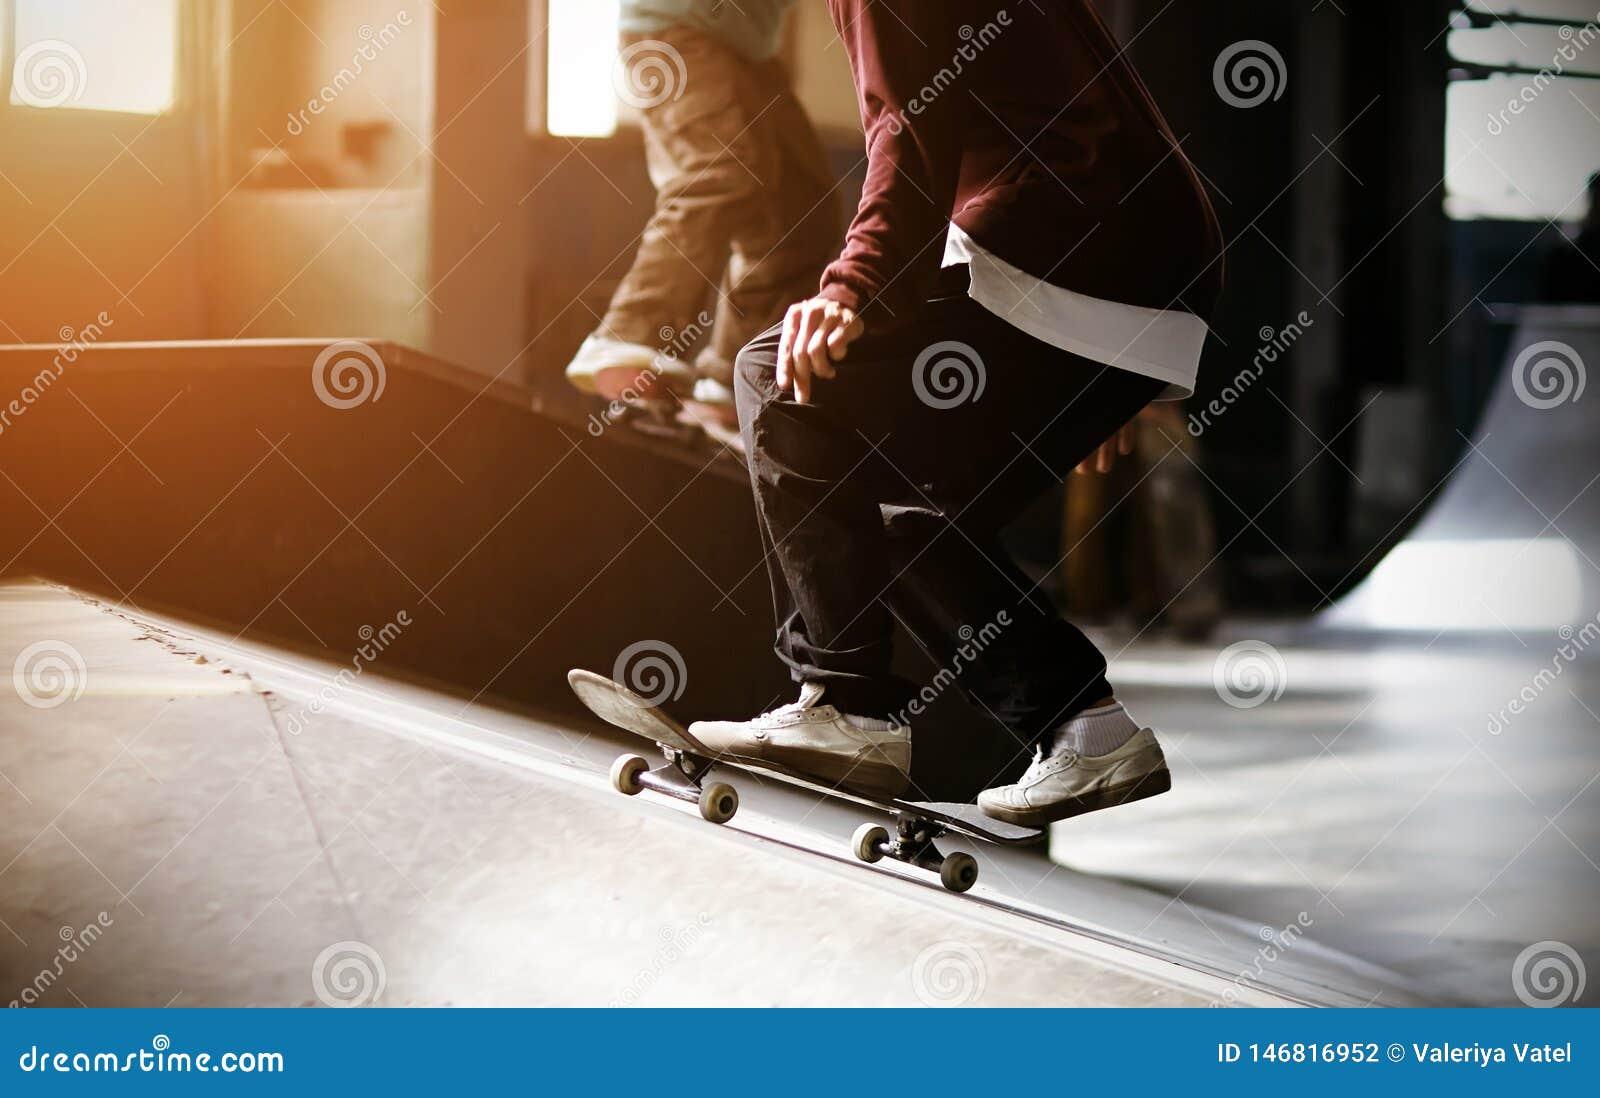 En fashionably klädd grabb rider en skateboard på en ramp och ska göra ett hopp